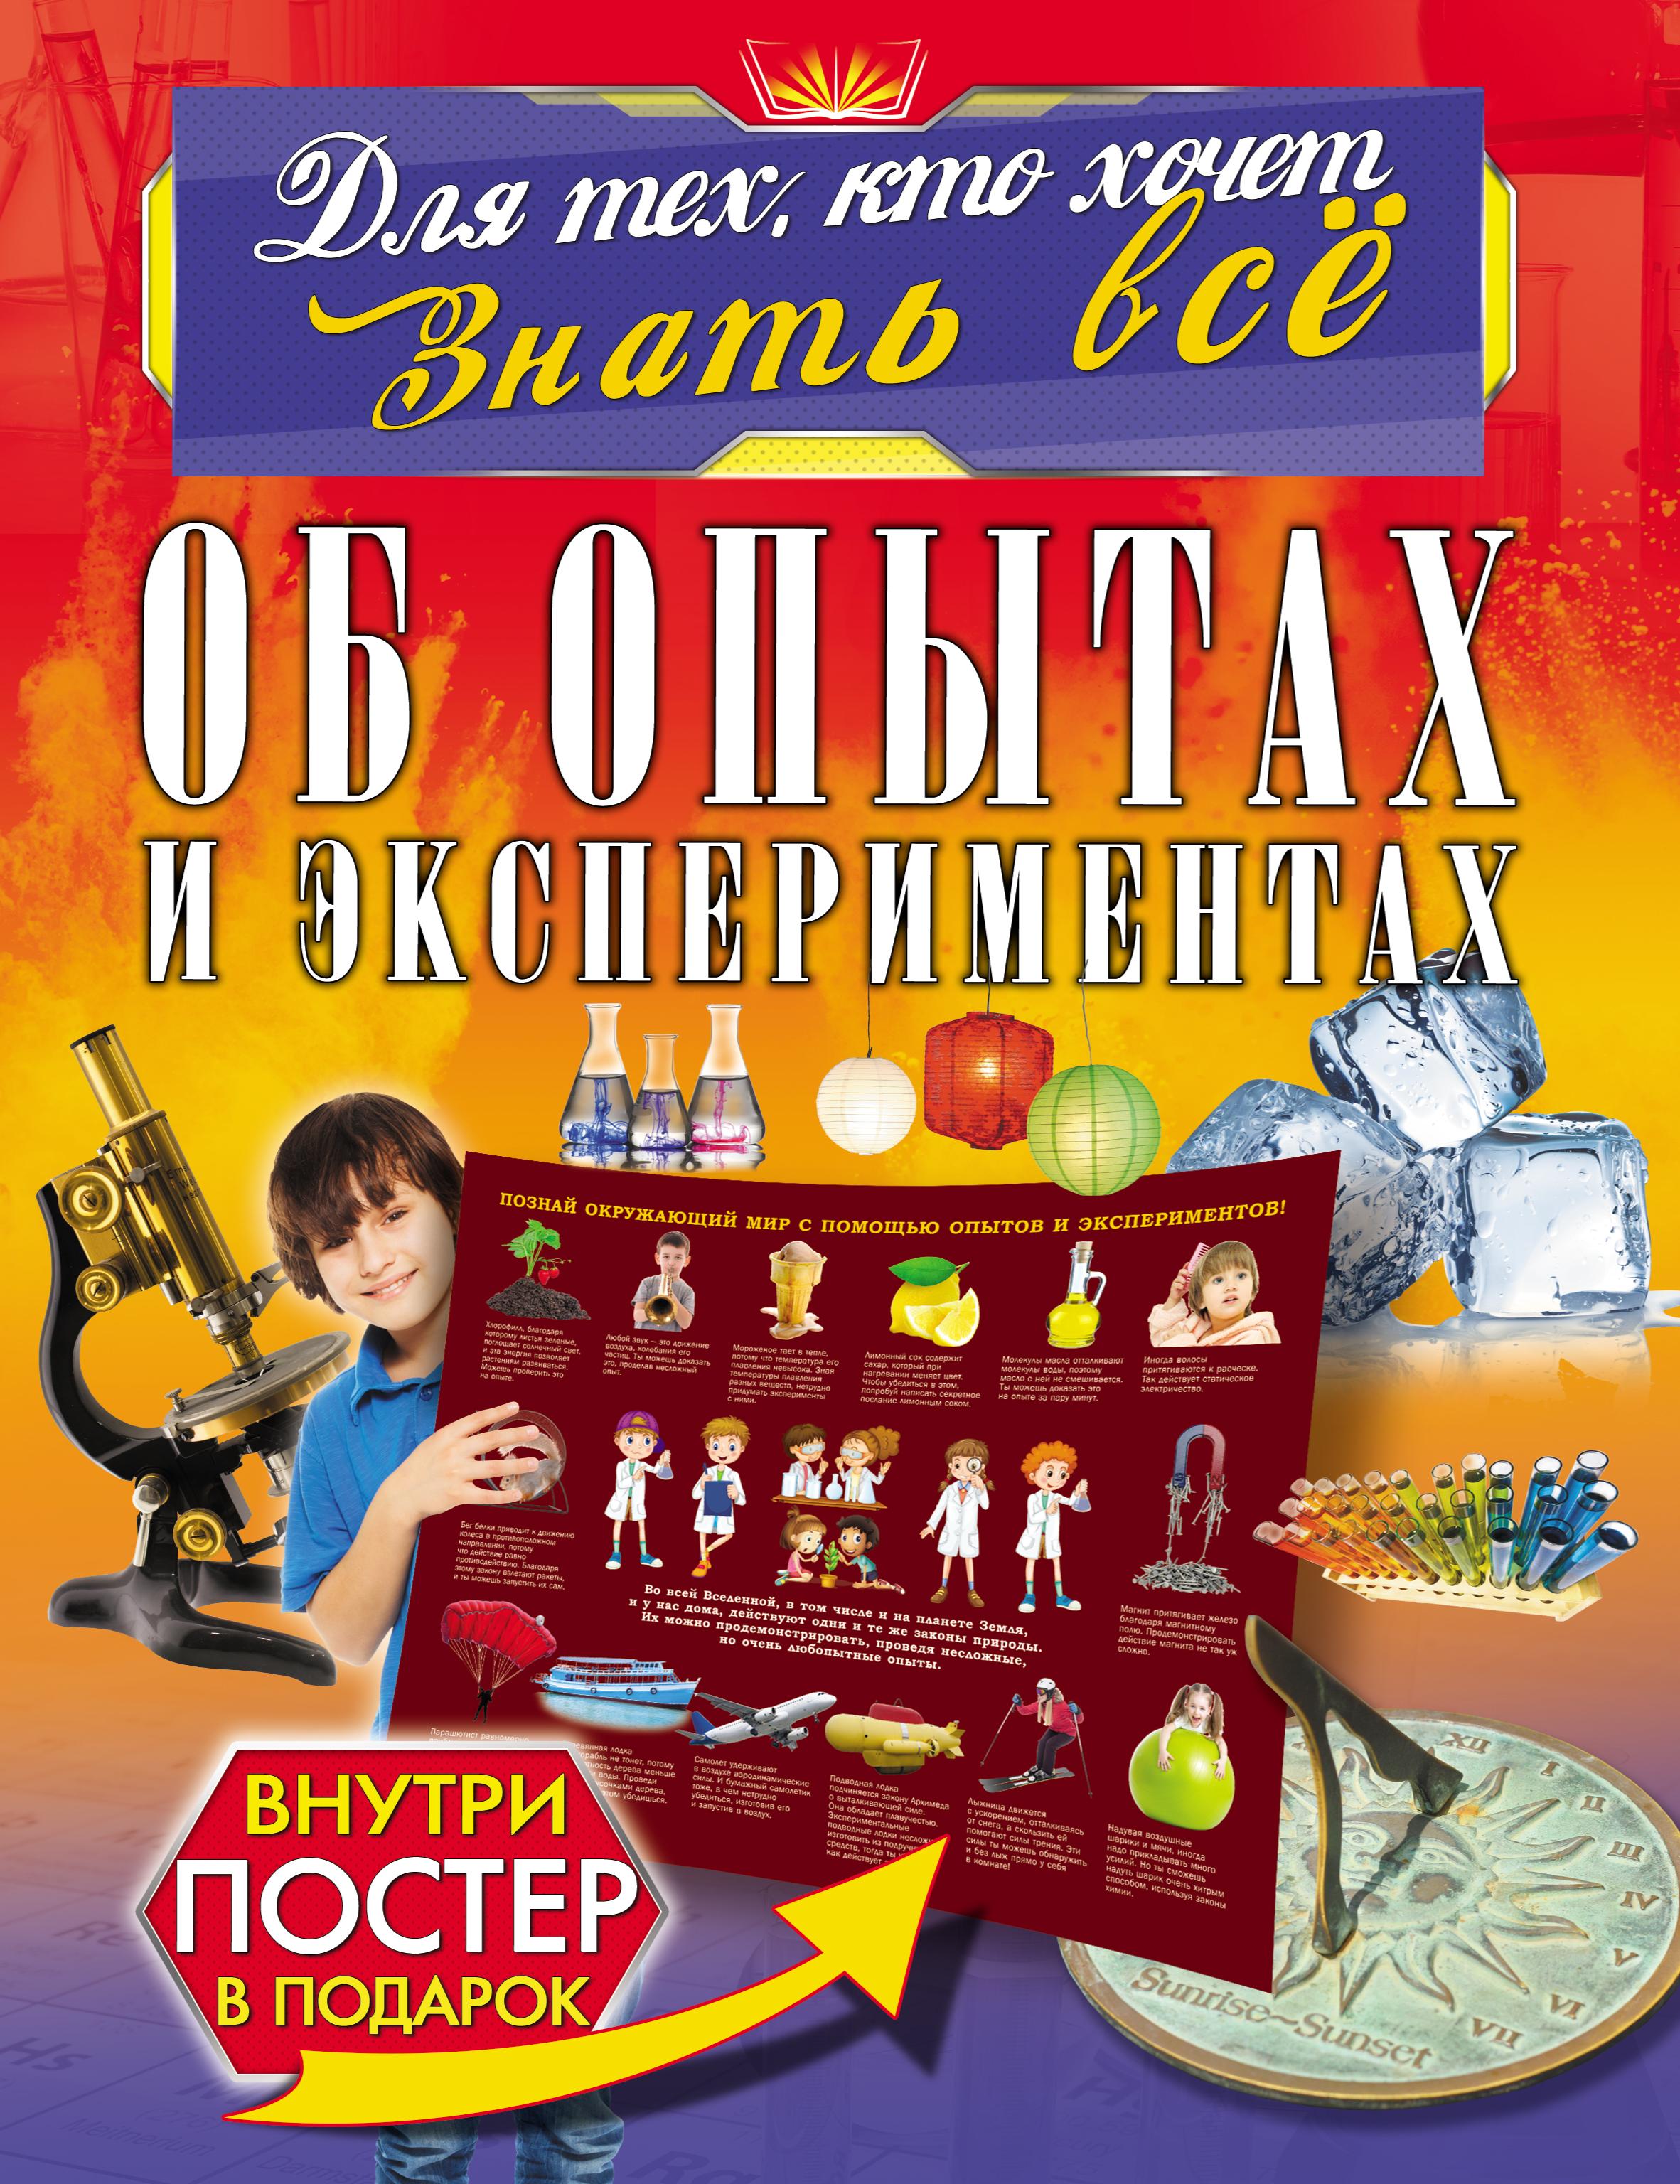 Л. Д. Вайткене Об опытах и экспериментах вайткене л большая книга опытов и экспериментов для детей и взрослых